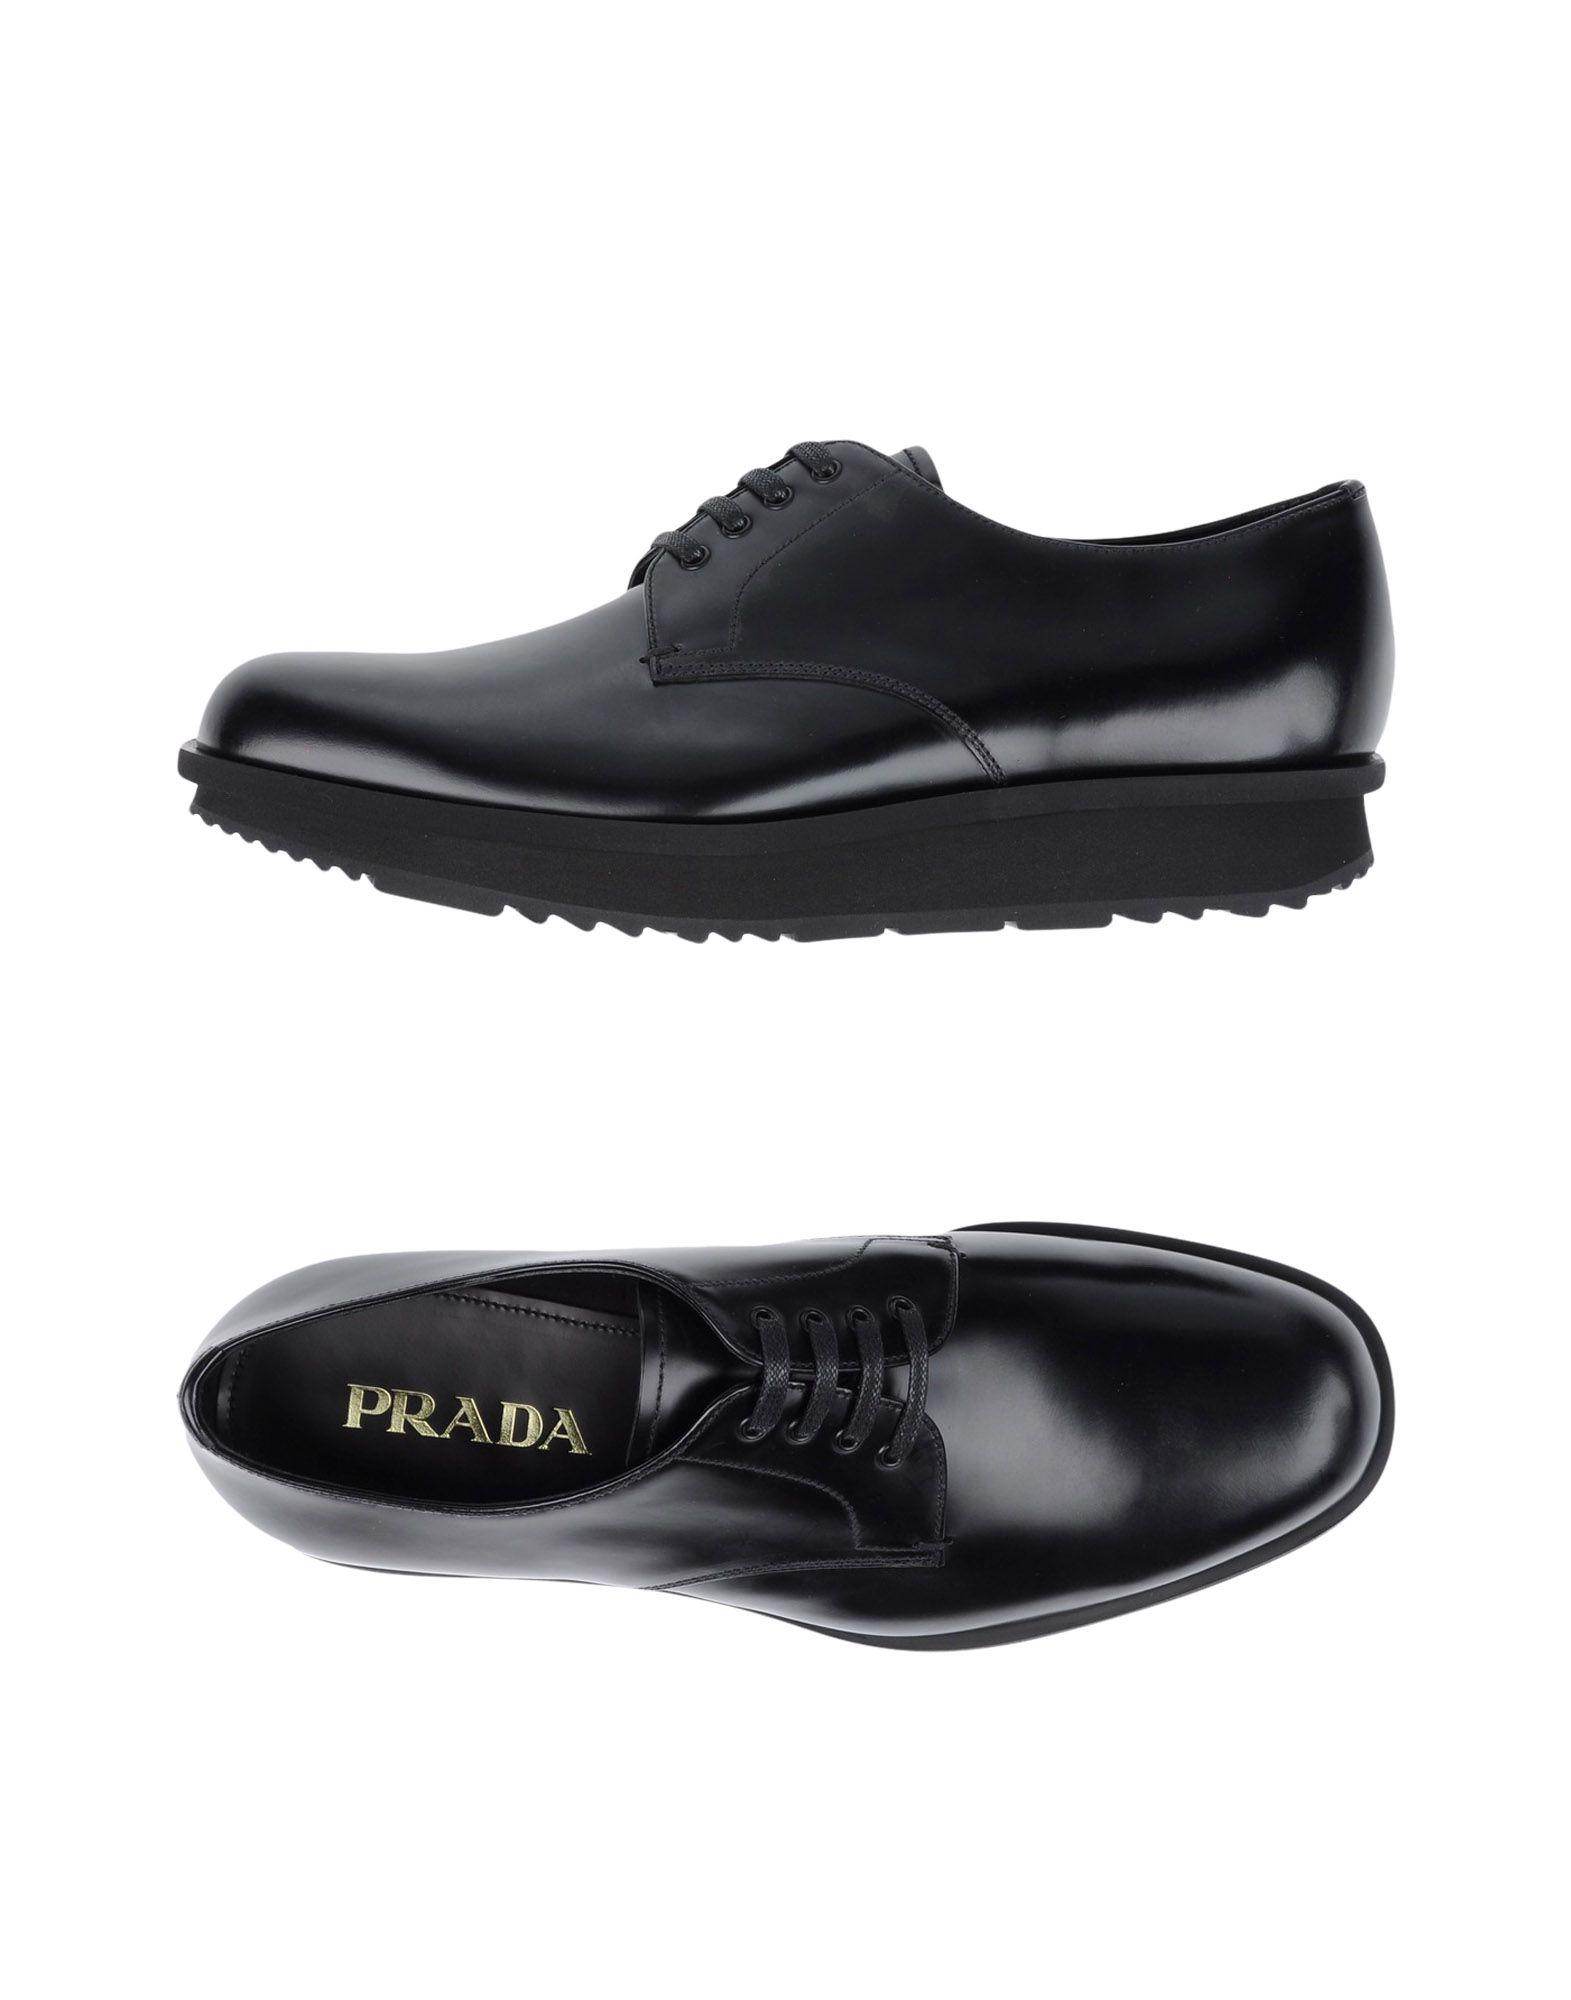 Prada Schnürschuhe Herren  11245007UU Gute Qualität beliebte Schuhe